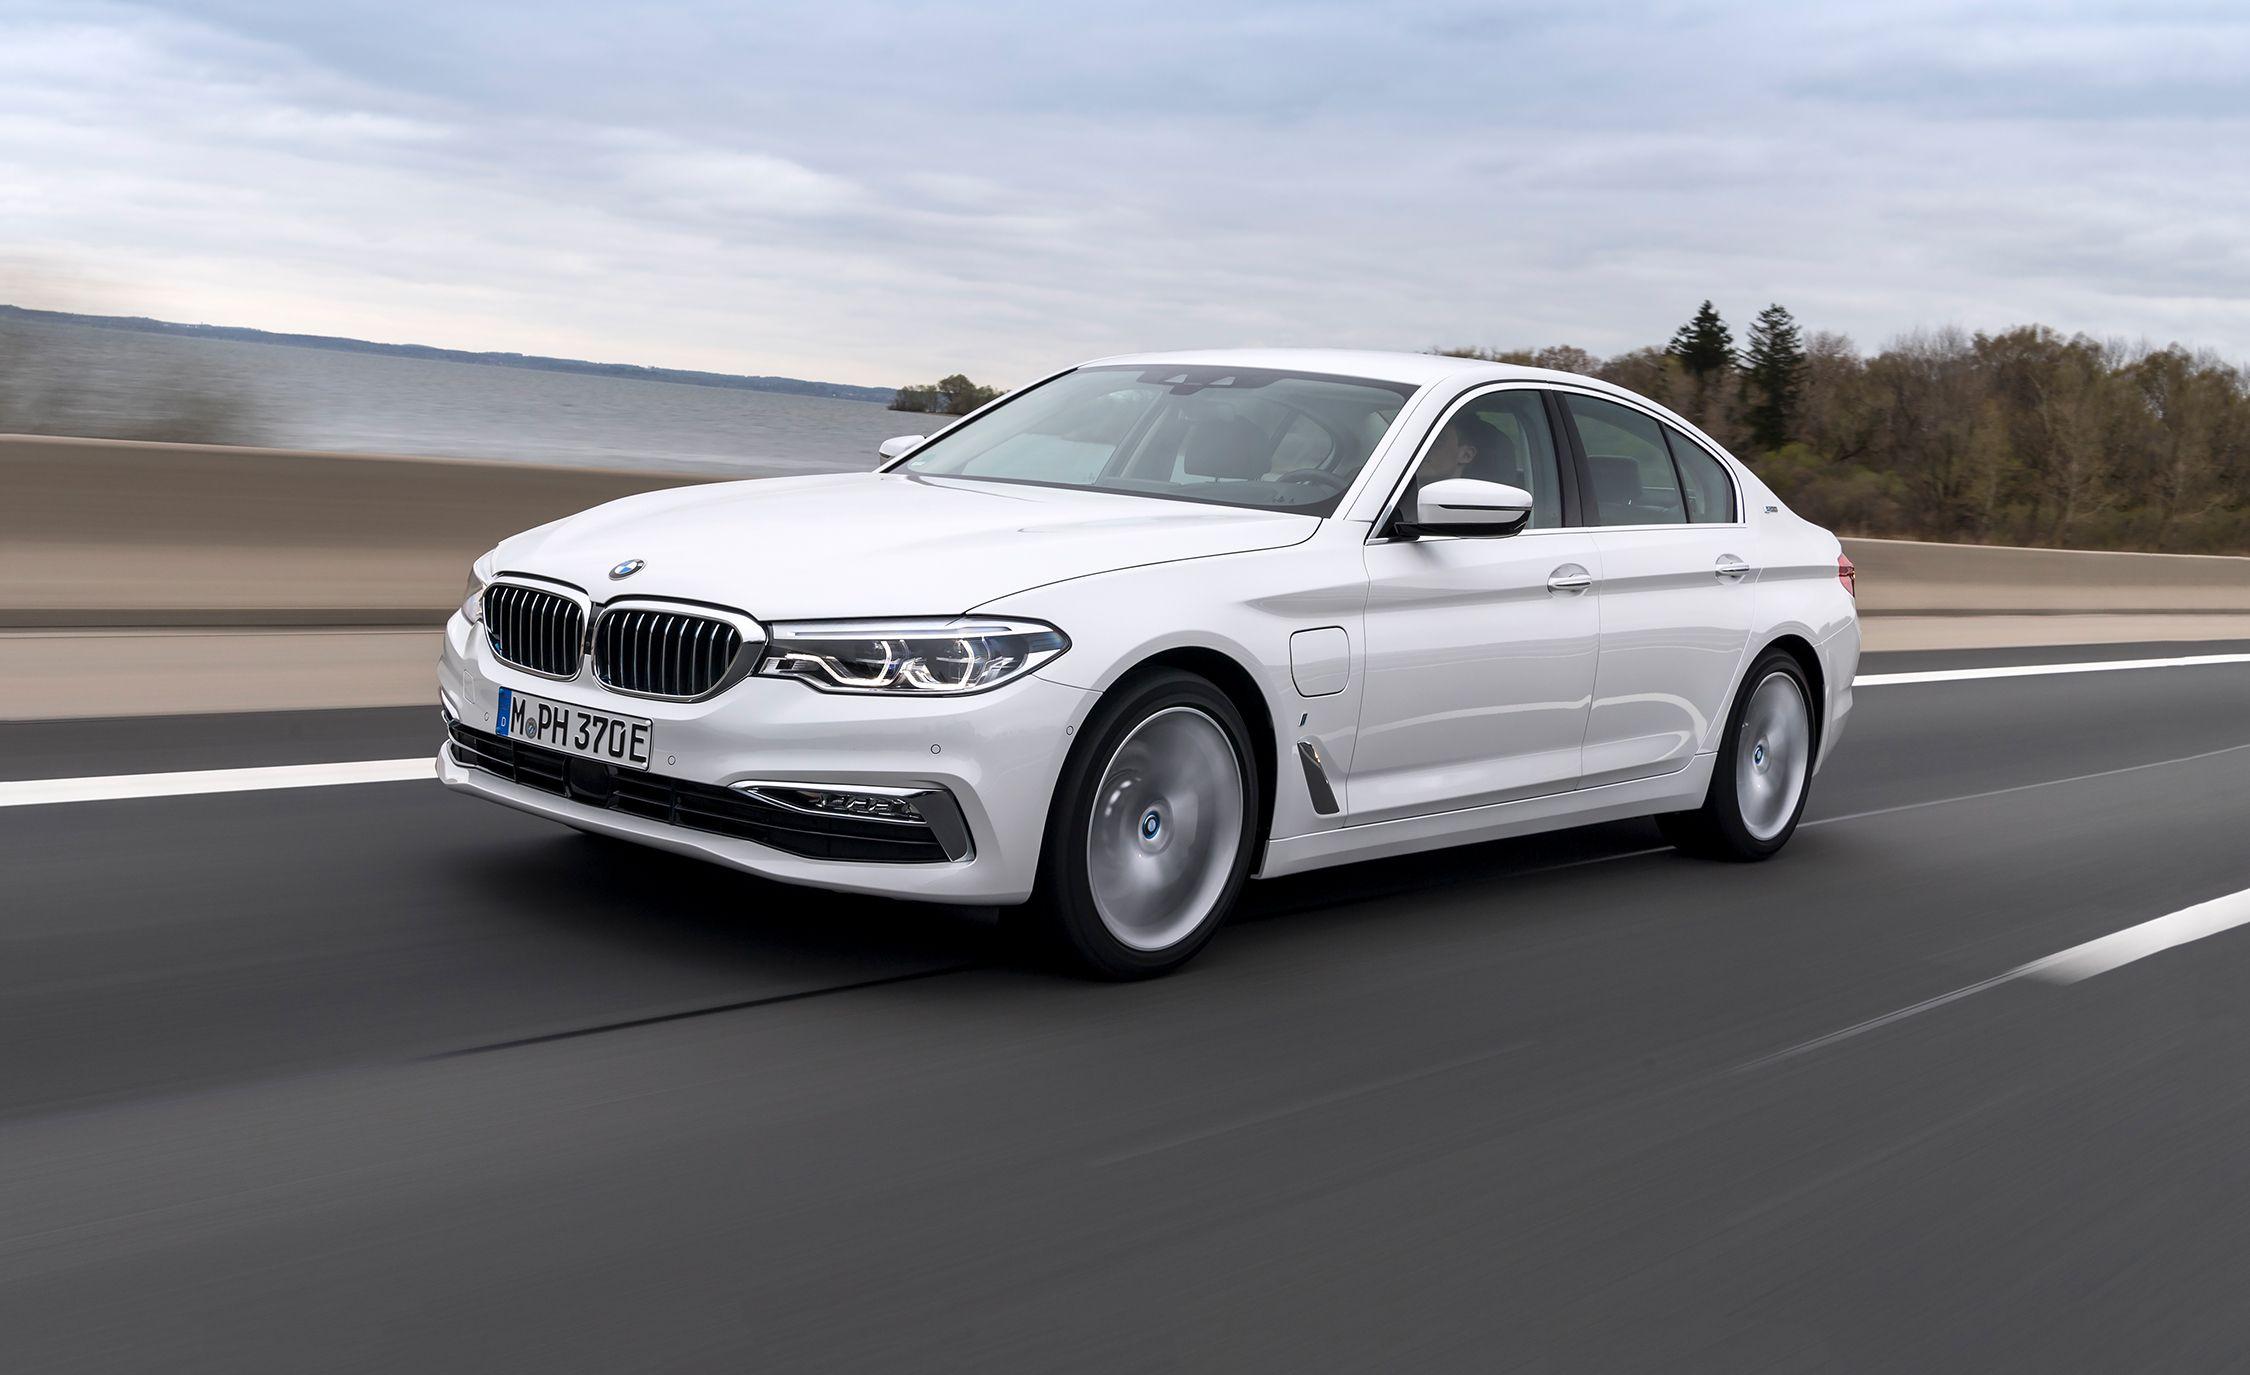 Delightful 2018 BMW 530e Plug In Hybrid